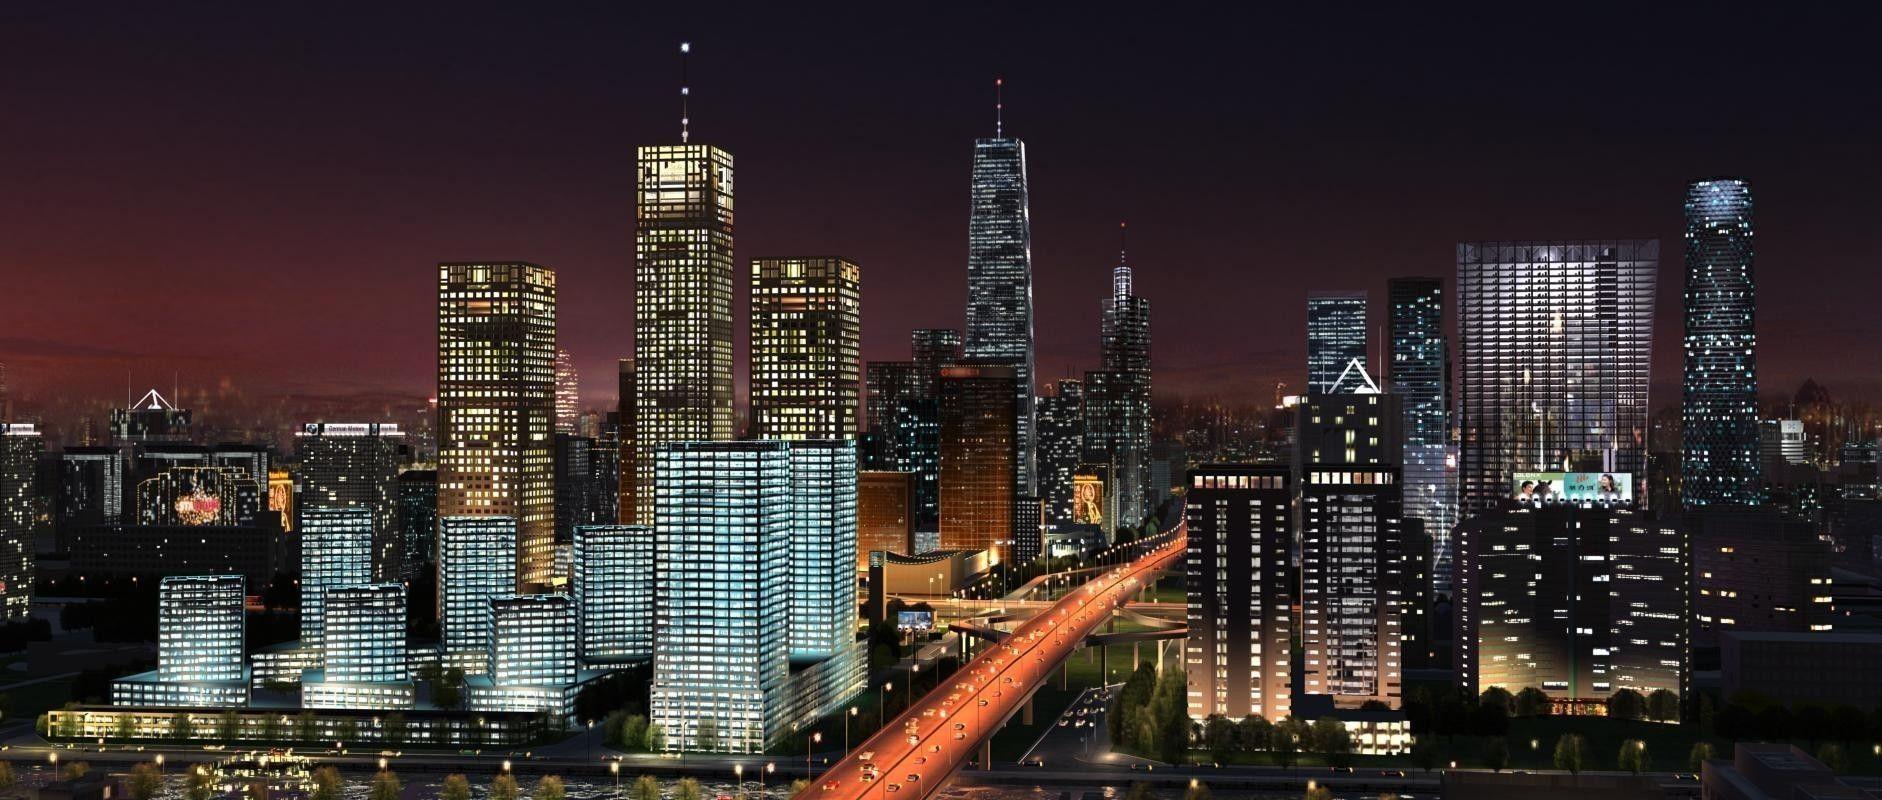 Big City Night Scene